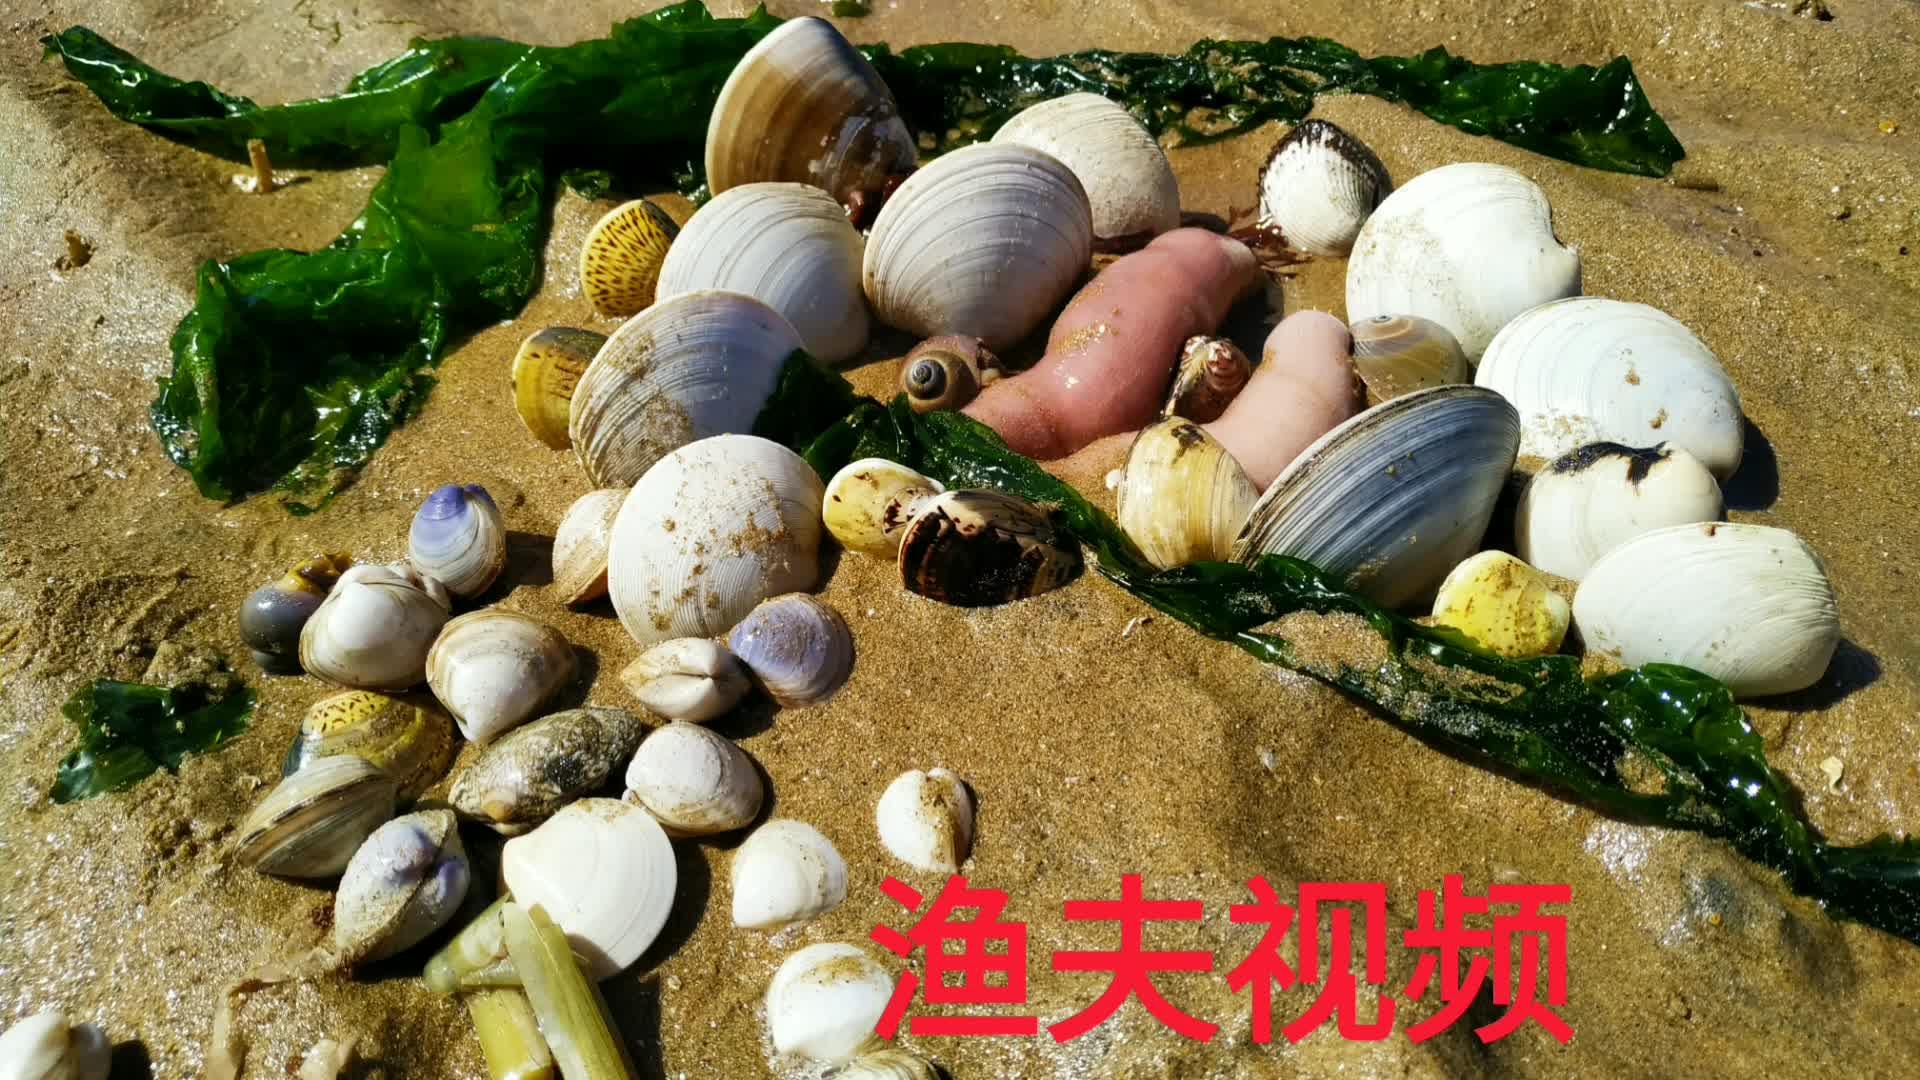 沙滩上这么多小眼,看渔夫如何识破:月亮贝、蟹子、猫眼螺